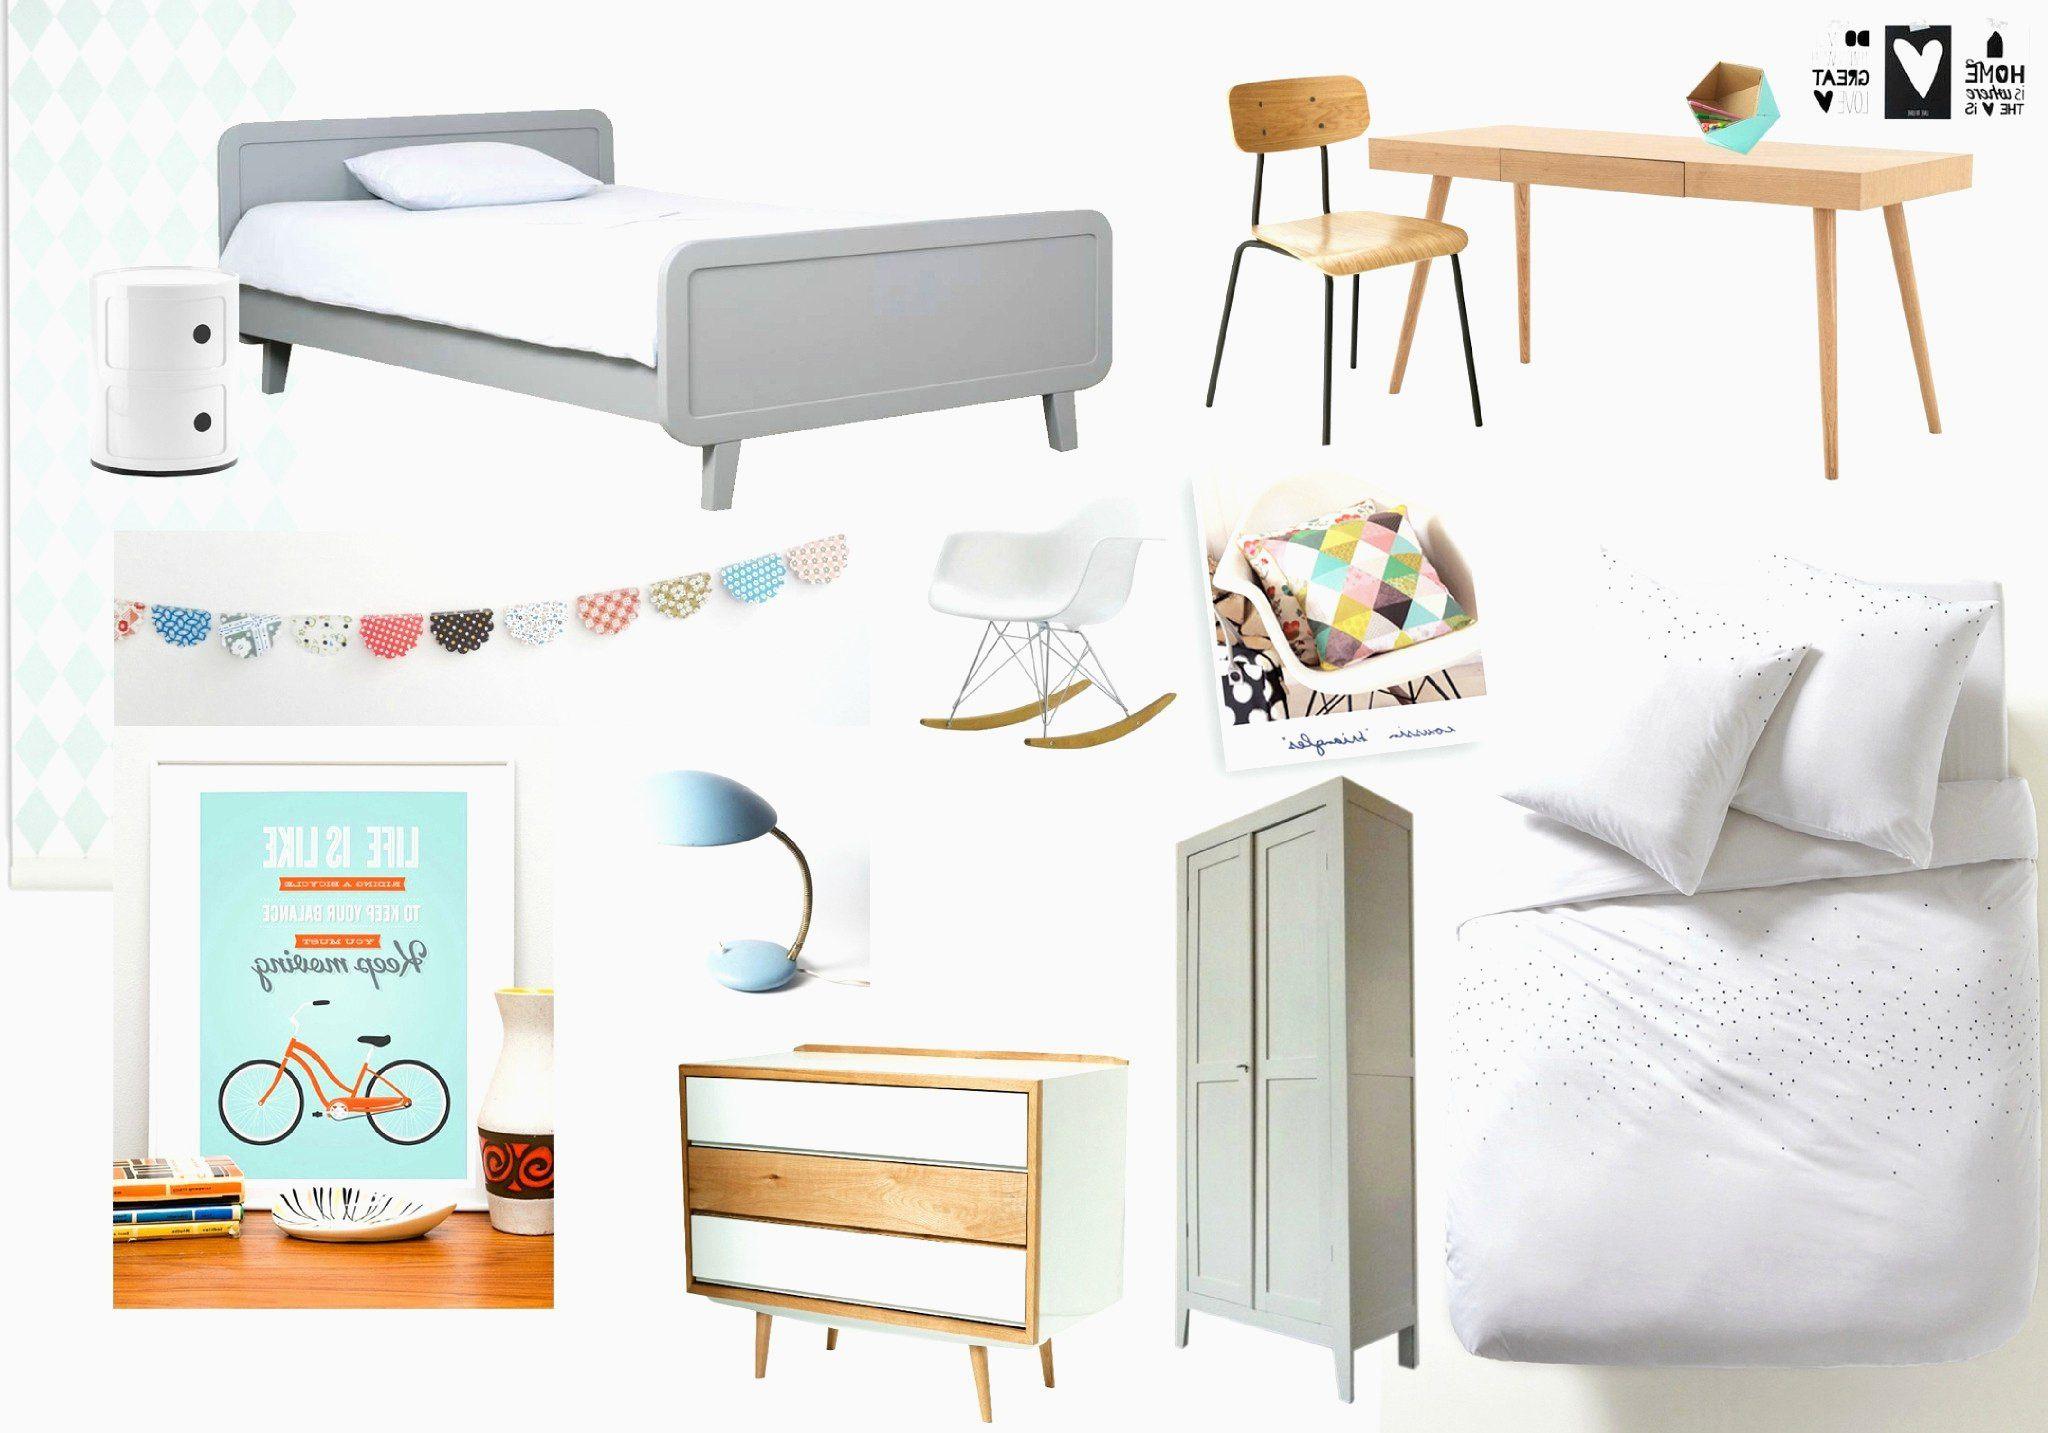 Lit Escamotable Pas Cher Magnifique Armoire Lit Escamotable Pas Cher Lits Escamotables Ikea Unique